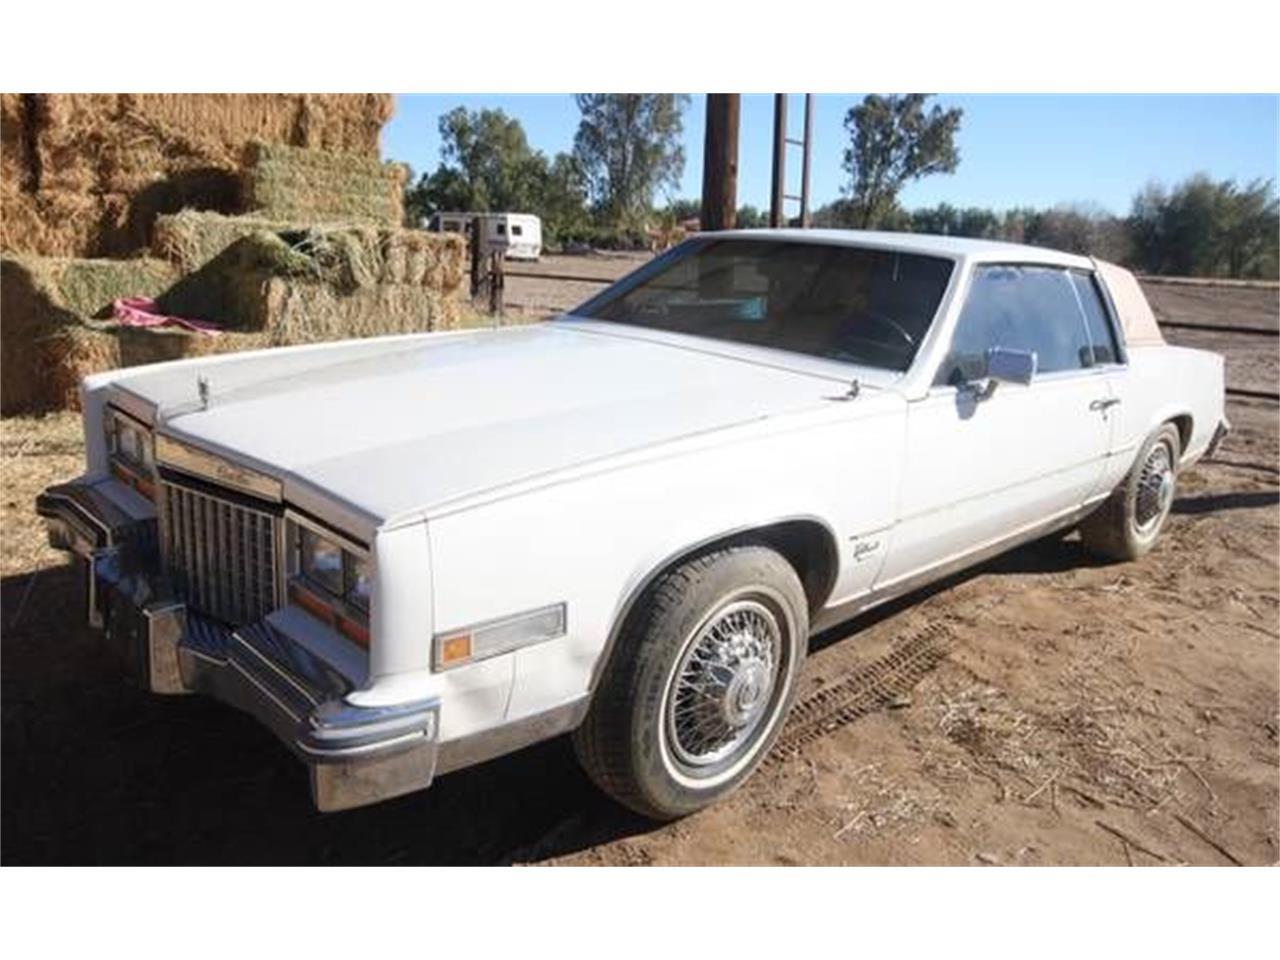 1980 cadillac eldorado for sale classiccars cc 1117176 1986 Cadillac Eldorado large picture of 80 eldorado ny0o